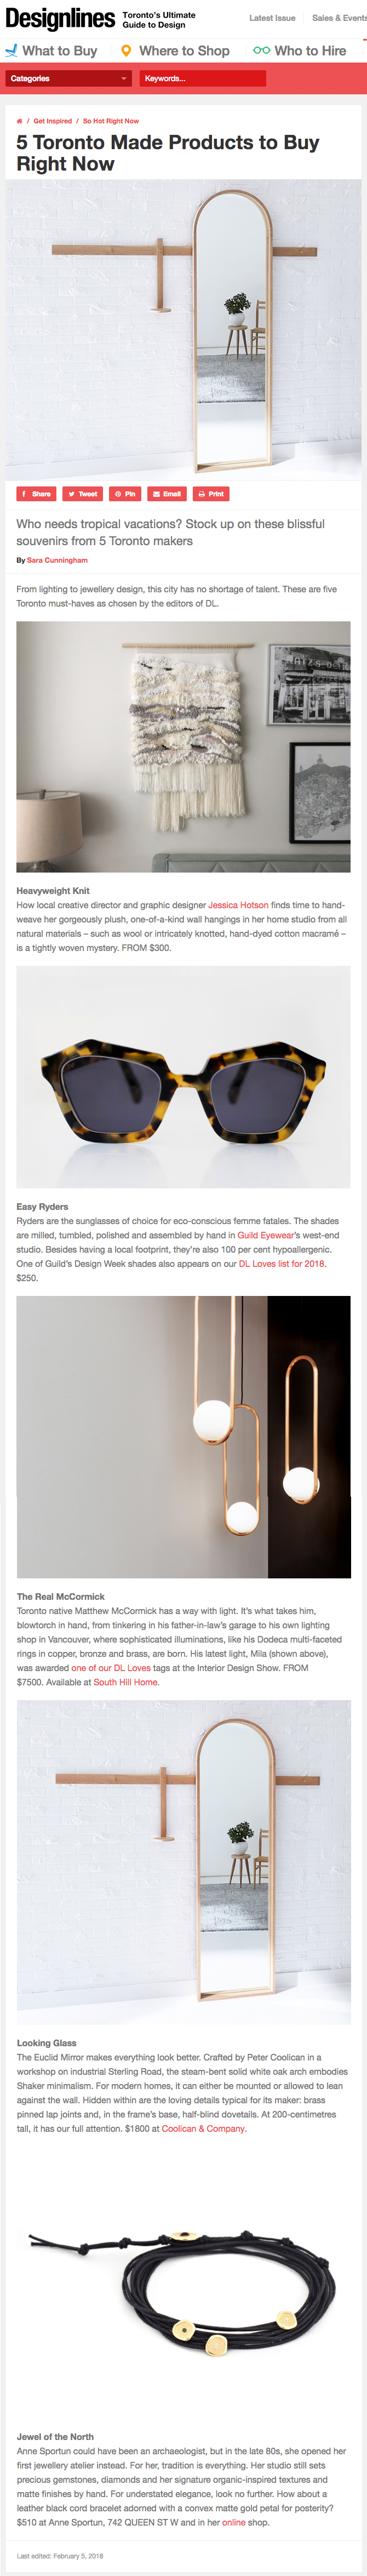 Anne Sportun featured on Designlines Magazine